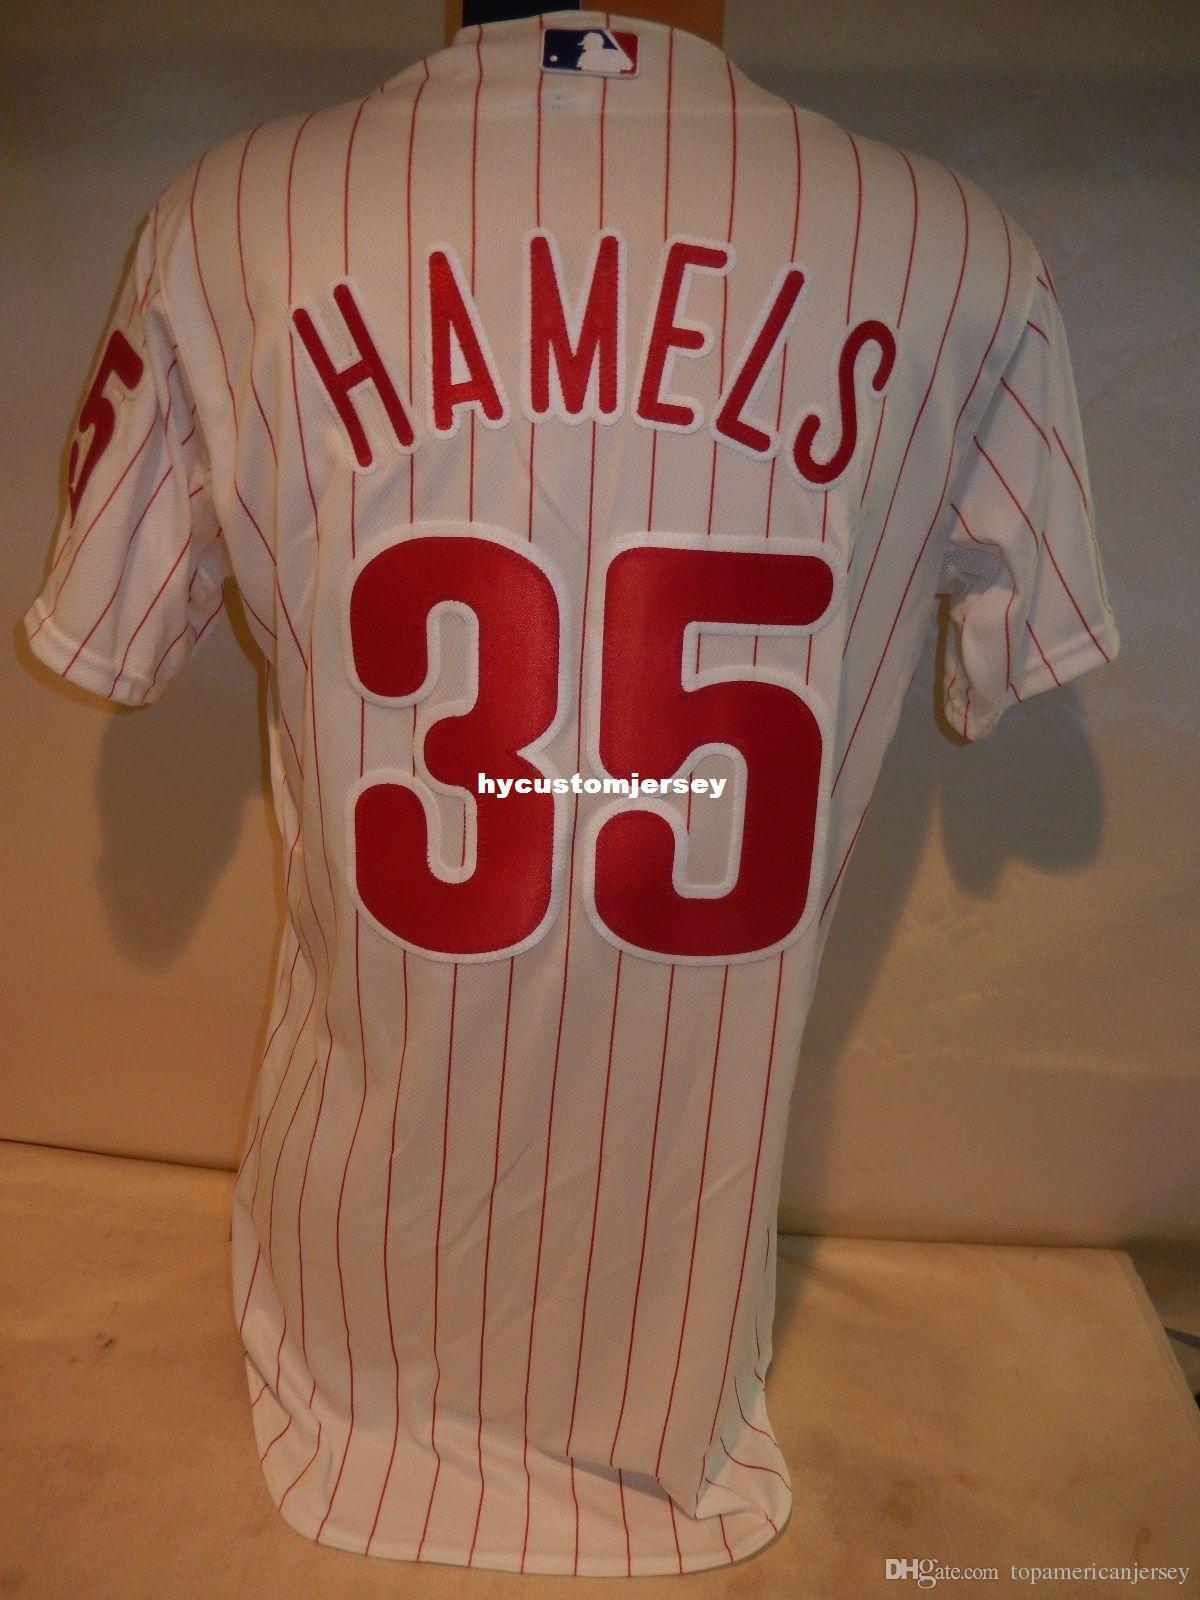 encargo baratos MAJESTIC Philadelphia # 35 para hombre blanca 40 COLE Hamels Top juegos Jersey jerseys cosidas grandes y altos TAMAÑO XS-6XL Venta